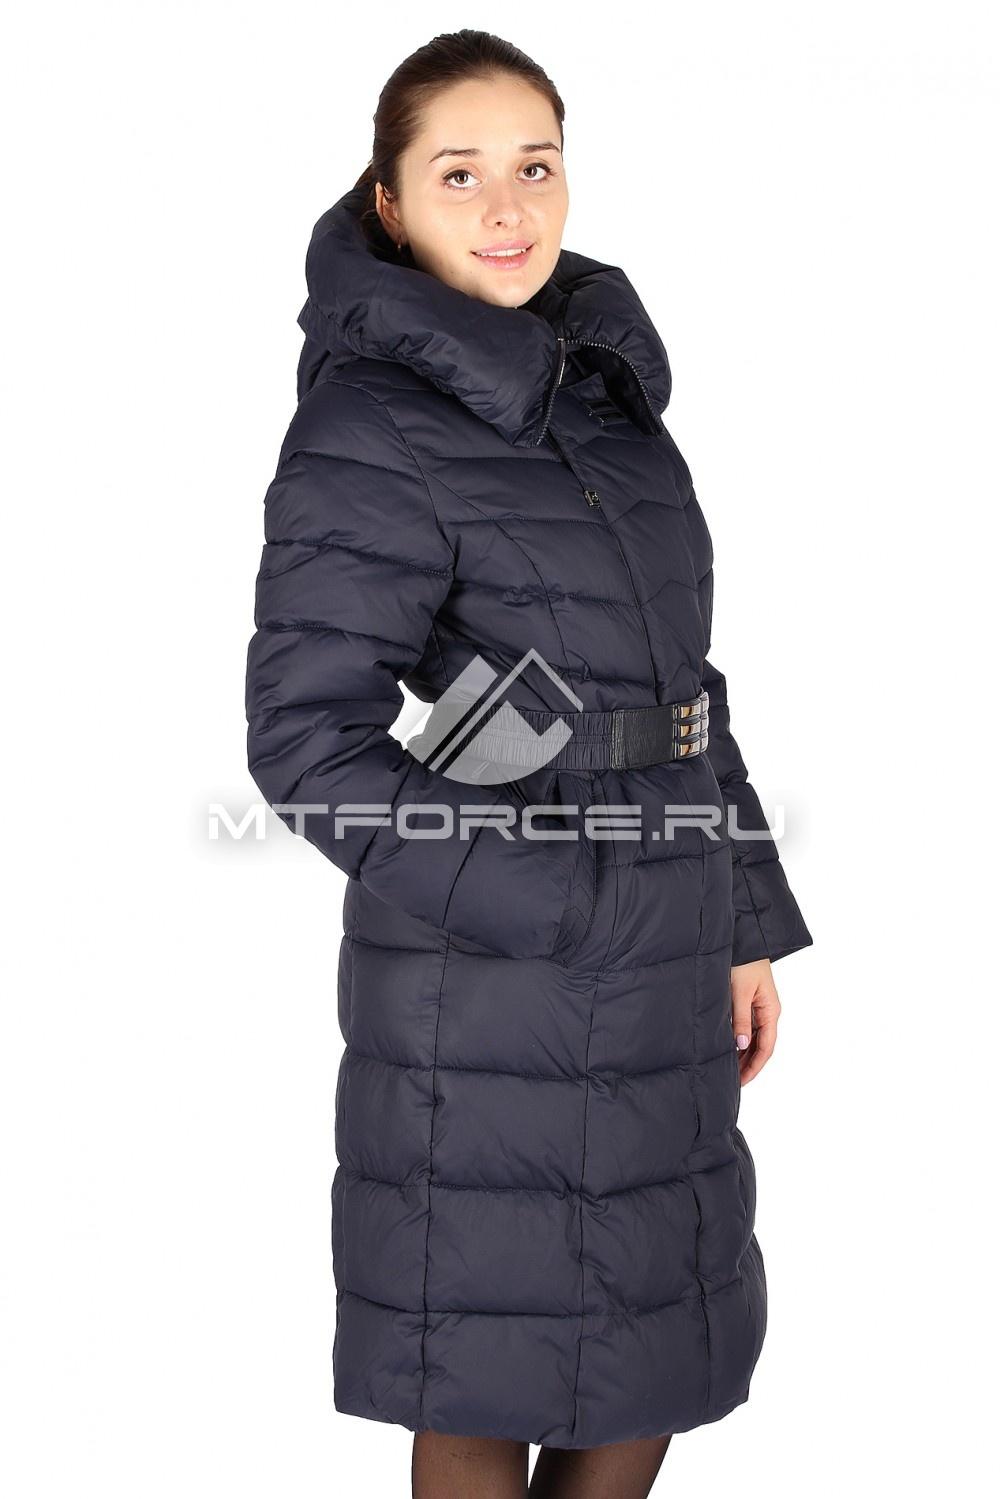 Пальто зимнее для девочки скидки